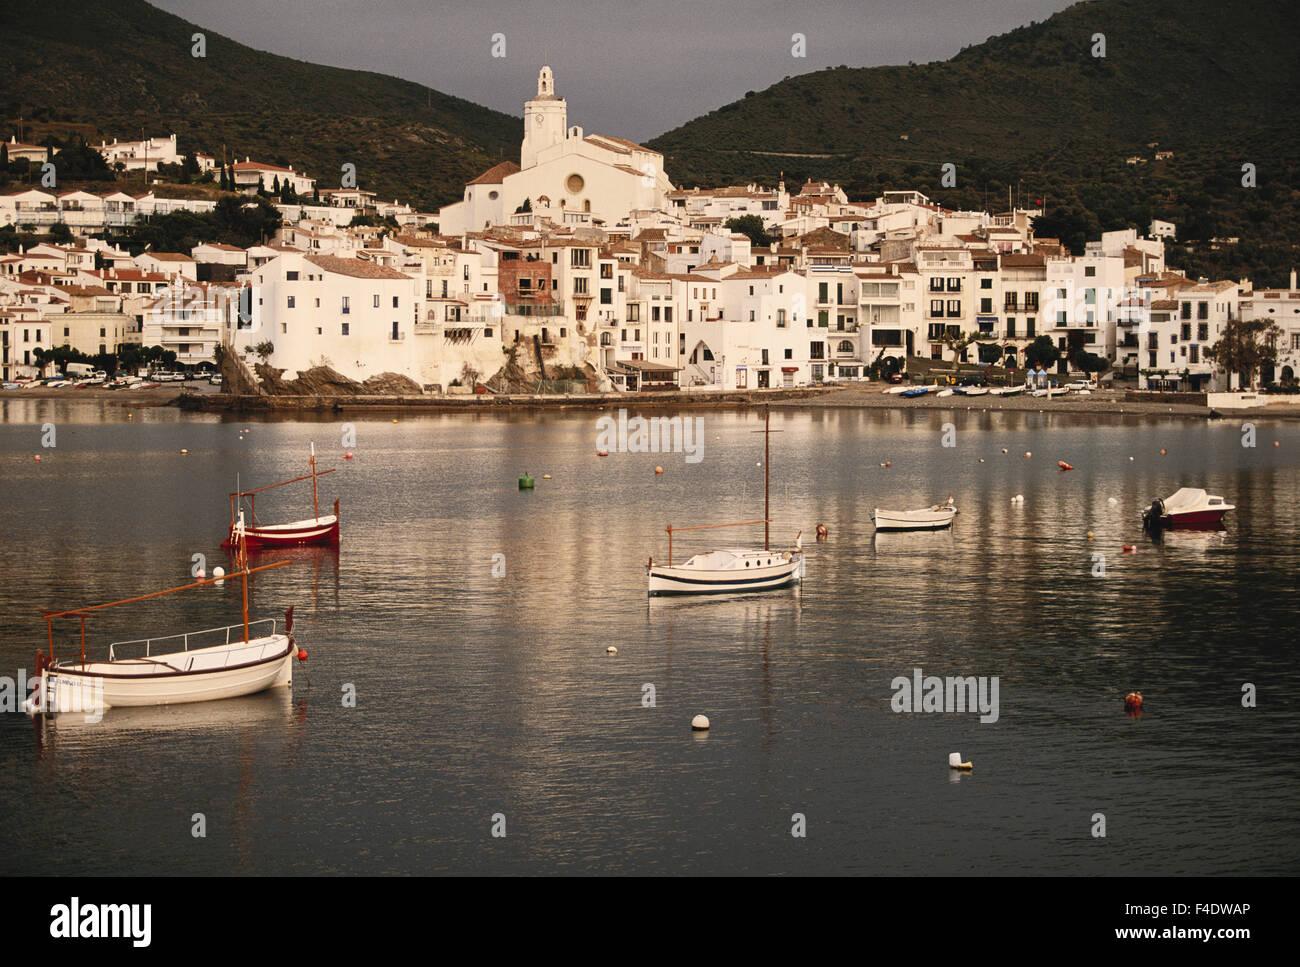 España, Cataluña, Costa Brava. los barcos. Tamaños disponibles (de gran formato) Imagen De Stock